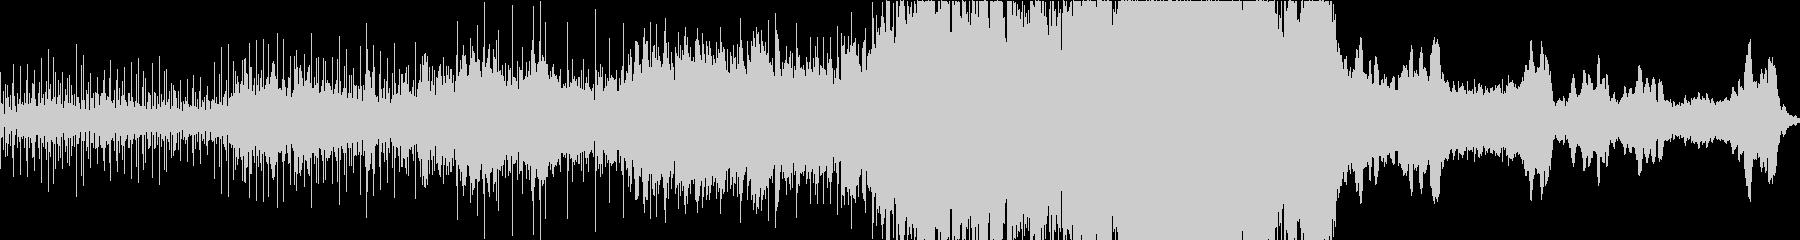 ゆったりとしたスケール感のあるエレクトロの未再生の波形